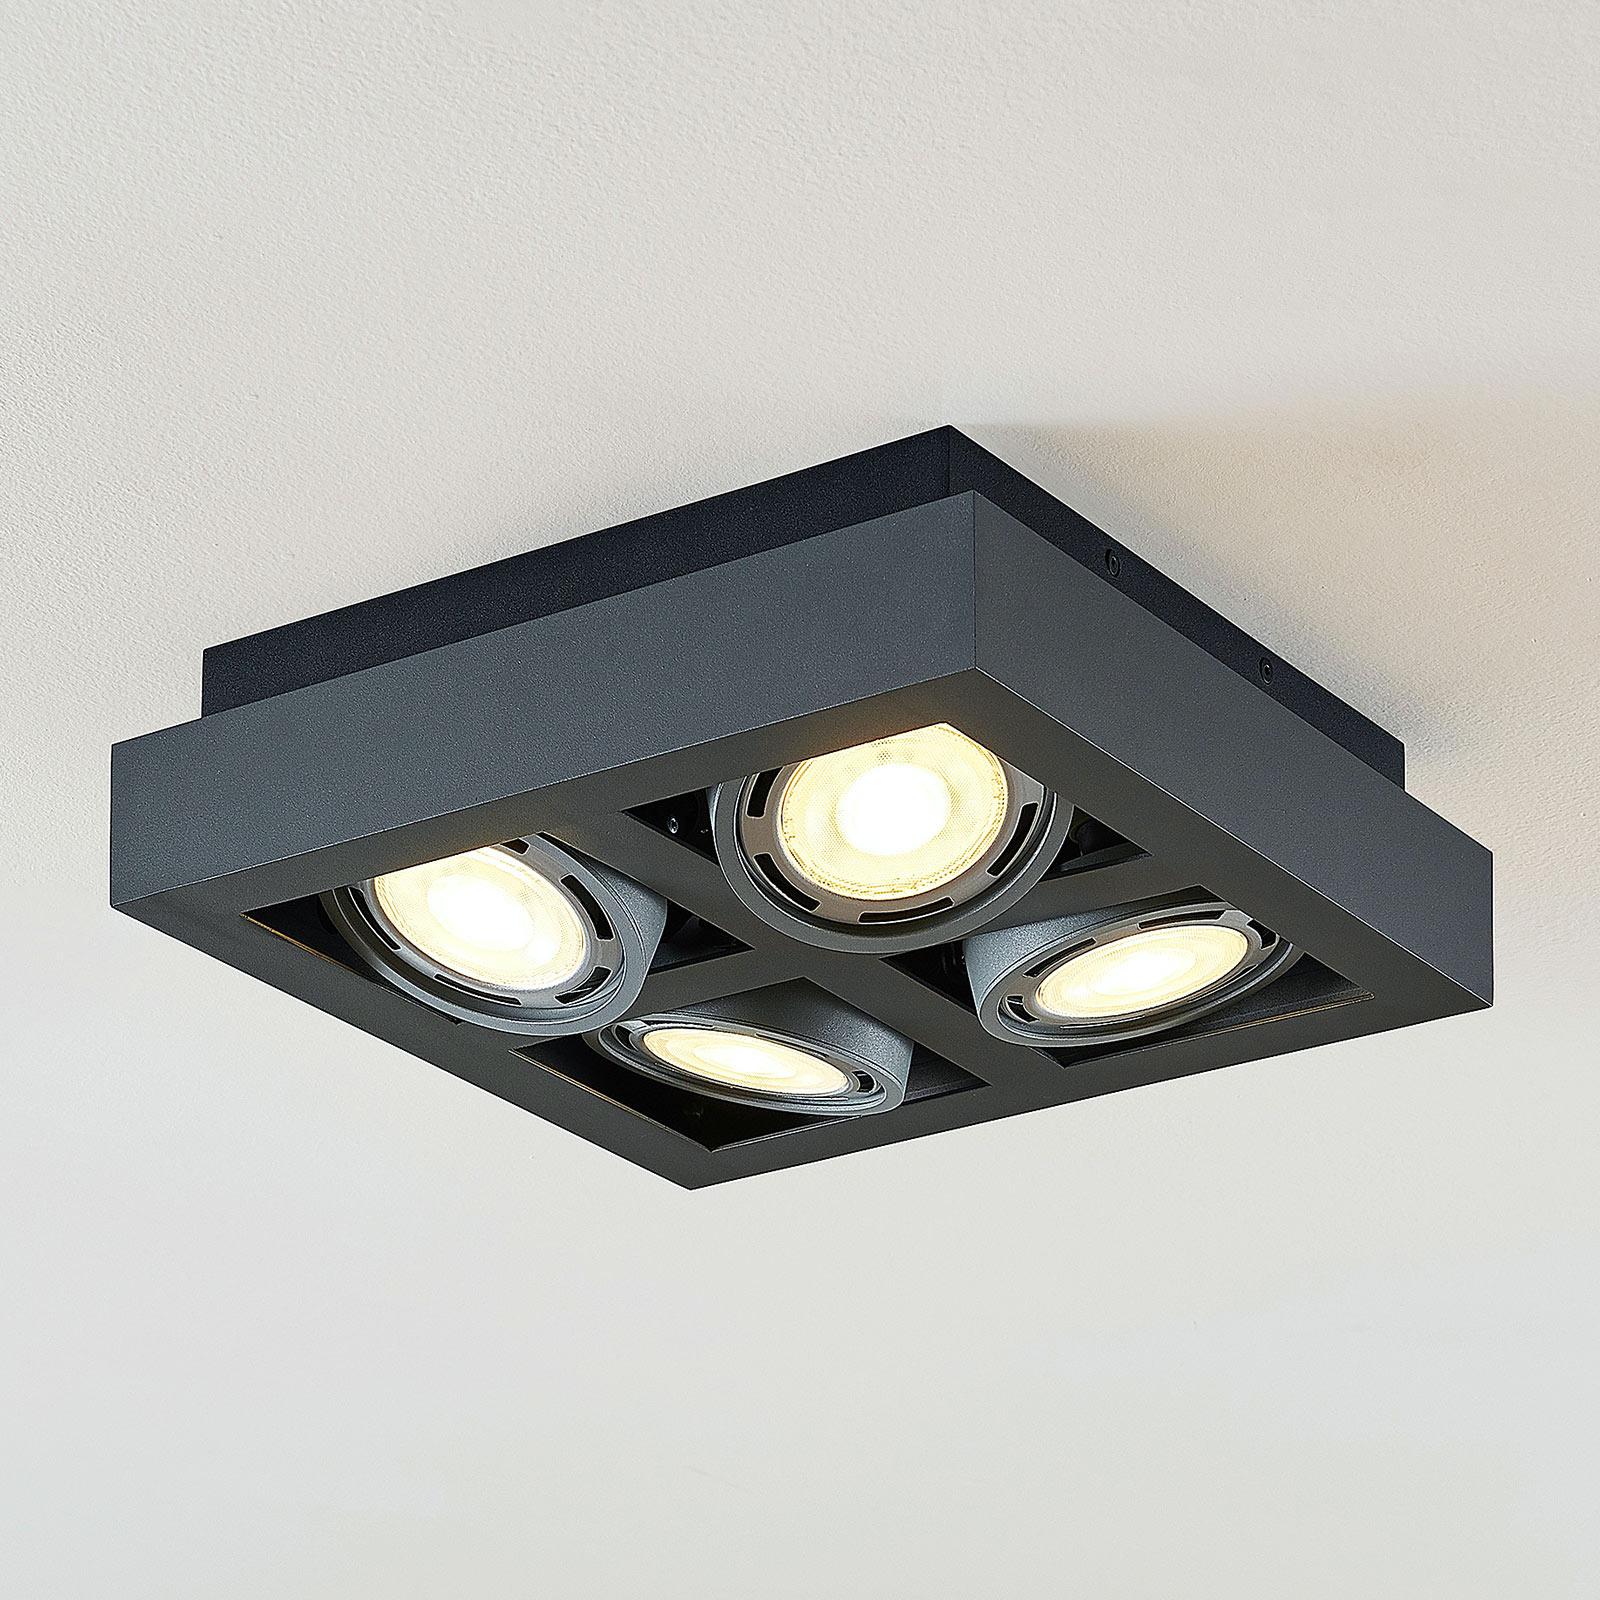 LED loftspot Ronka, 4 lyskilder, kvadratisk, grå